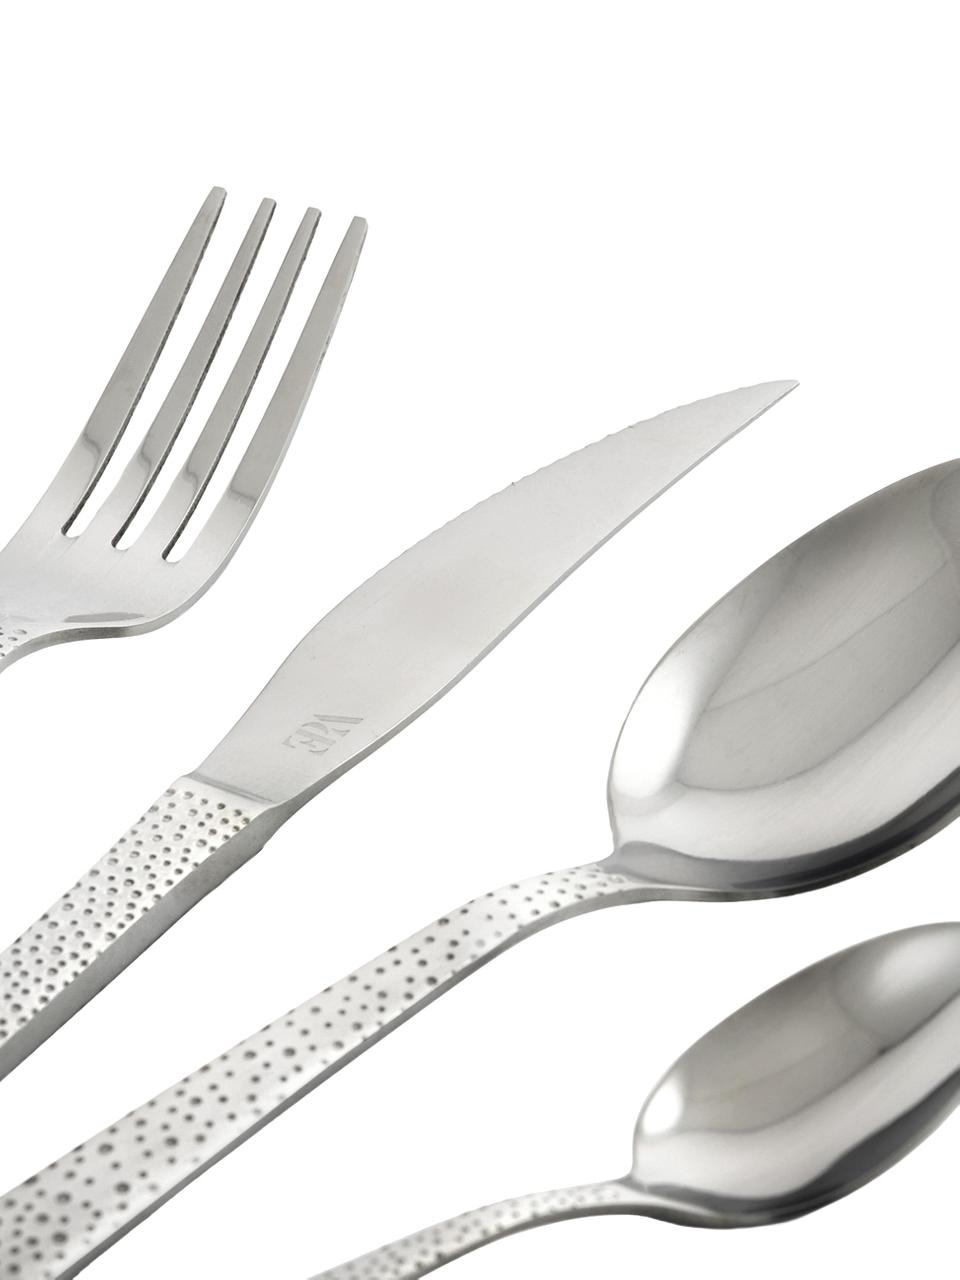 Set 24 posate argentate in acciaio inossidabile 18/10 per 6 persone Posate, Maniglia: acciaio inossidabile, mar, Acciaio inossidabile, Set in varie misure